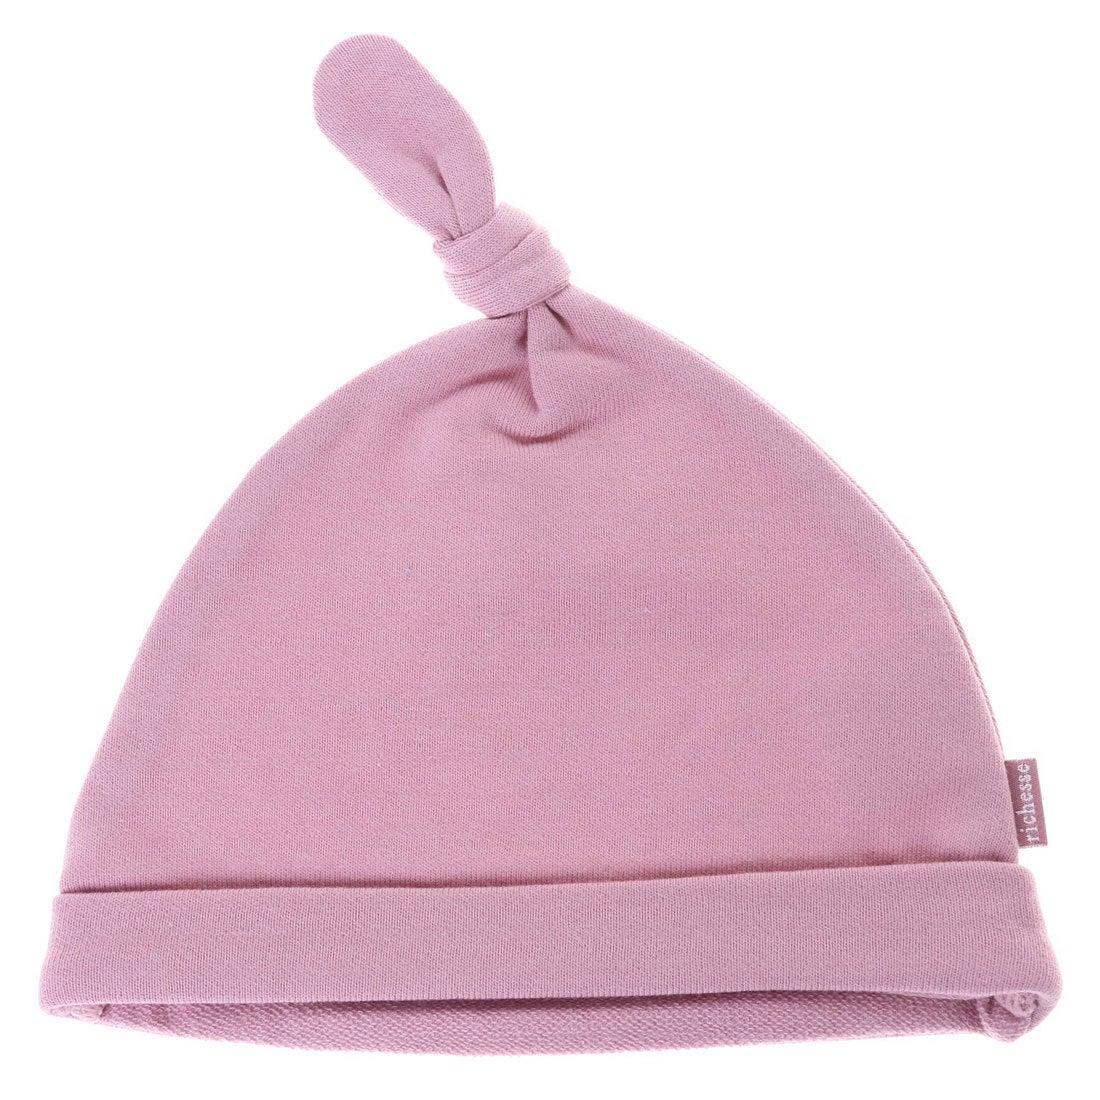 8cb4074a18459 リシェス richesse シンプルベビー帽子 (ピンク) -アウトレット通販 ロコレット (LOCOLET)